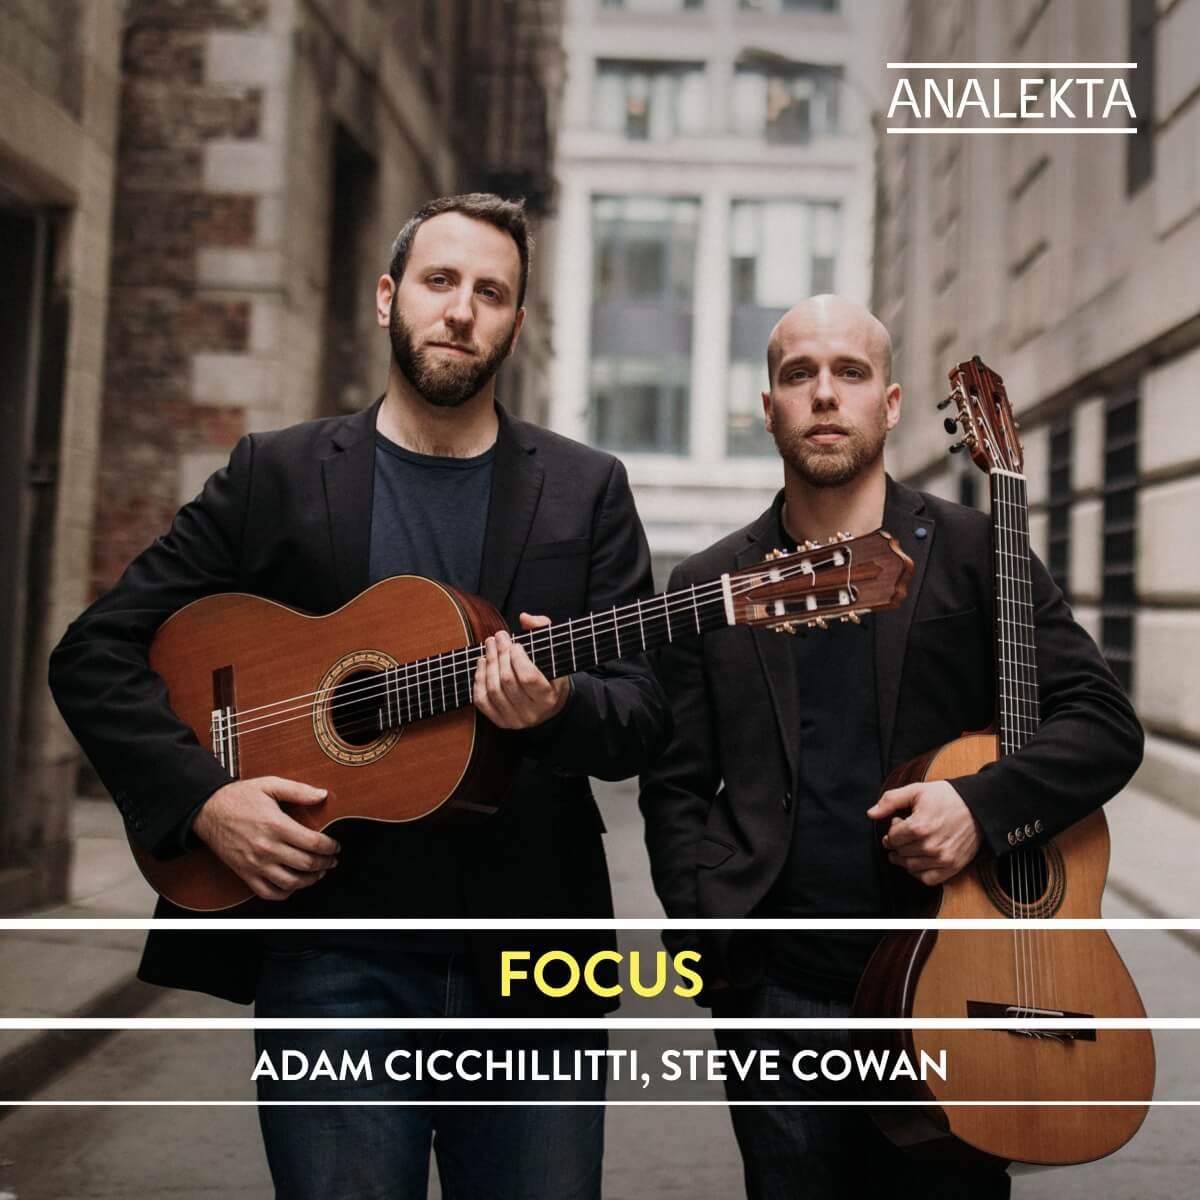 L'album Focus du duo de guitare composé d'Adam Cicchillitti et Steve Cowan.